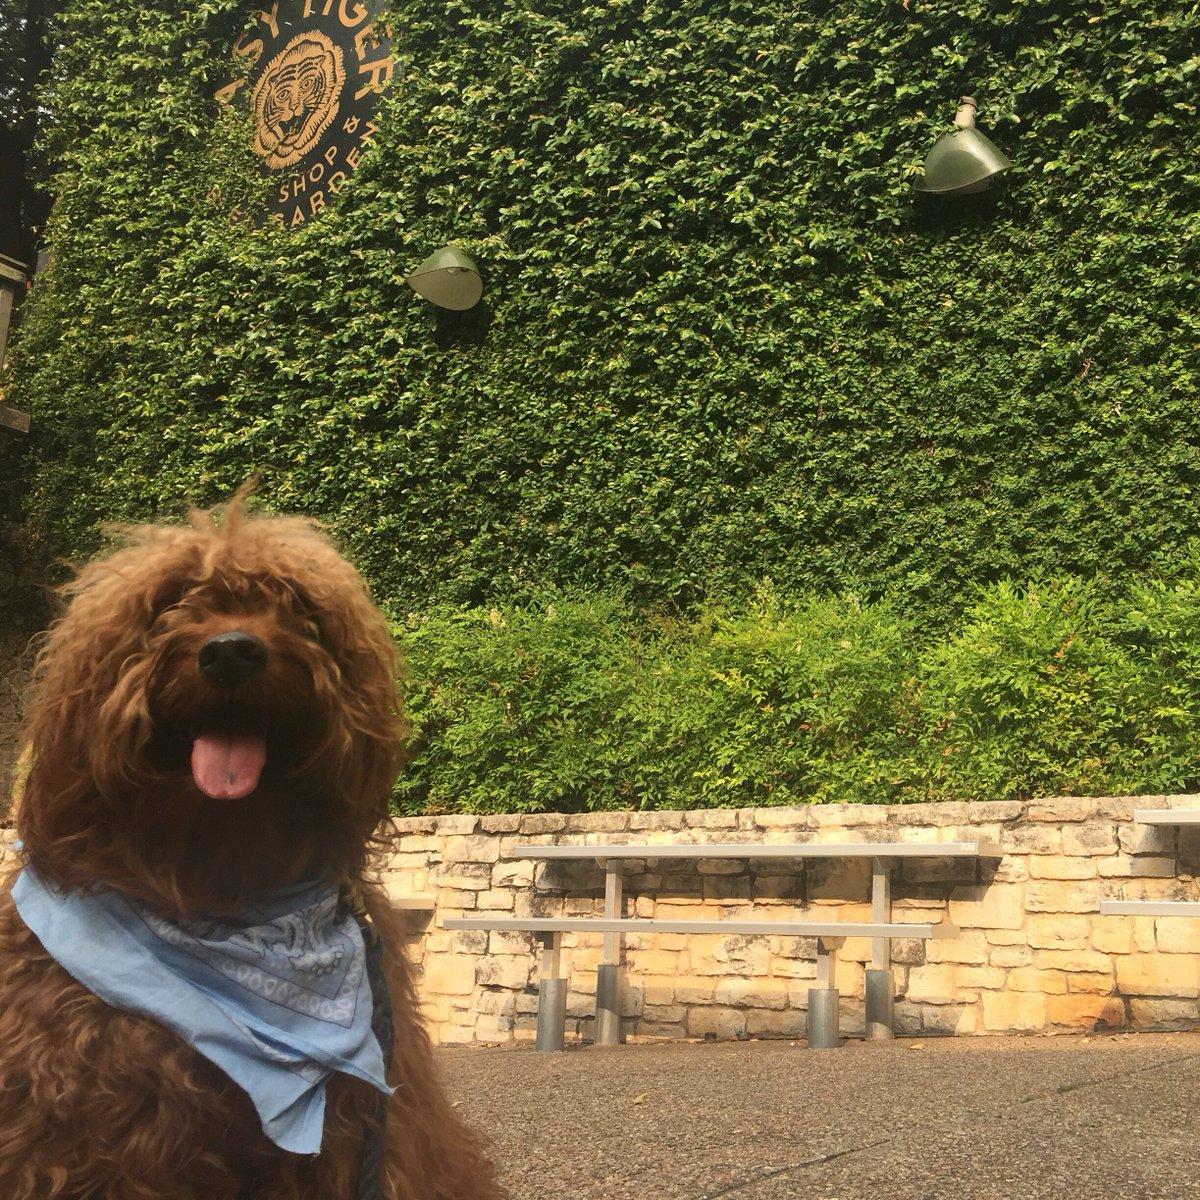 Check out @ZagatAustin guide to 13 dog-friendly restaurants & bars in #Austin https://t.co/tTVV5odnbF https://t.co/WQXXJbLK0K